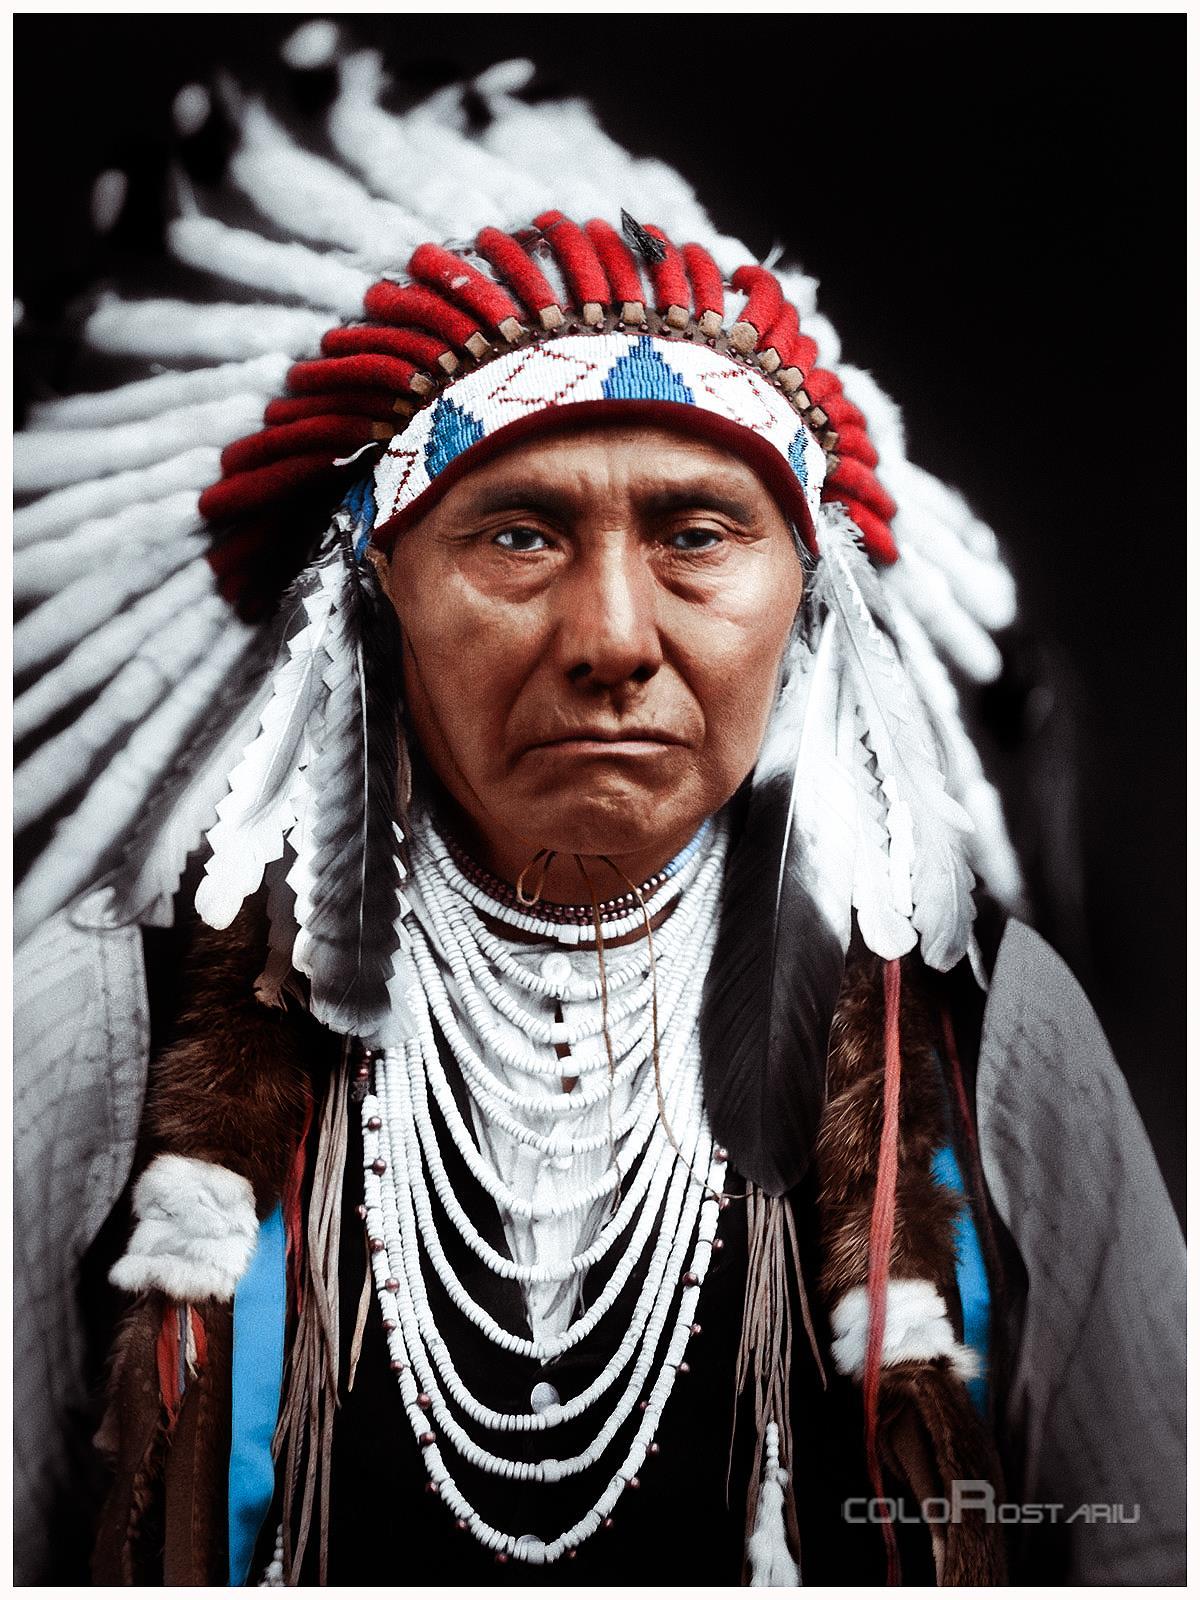 Native American Indians | coloRostariu